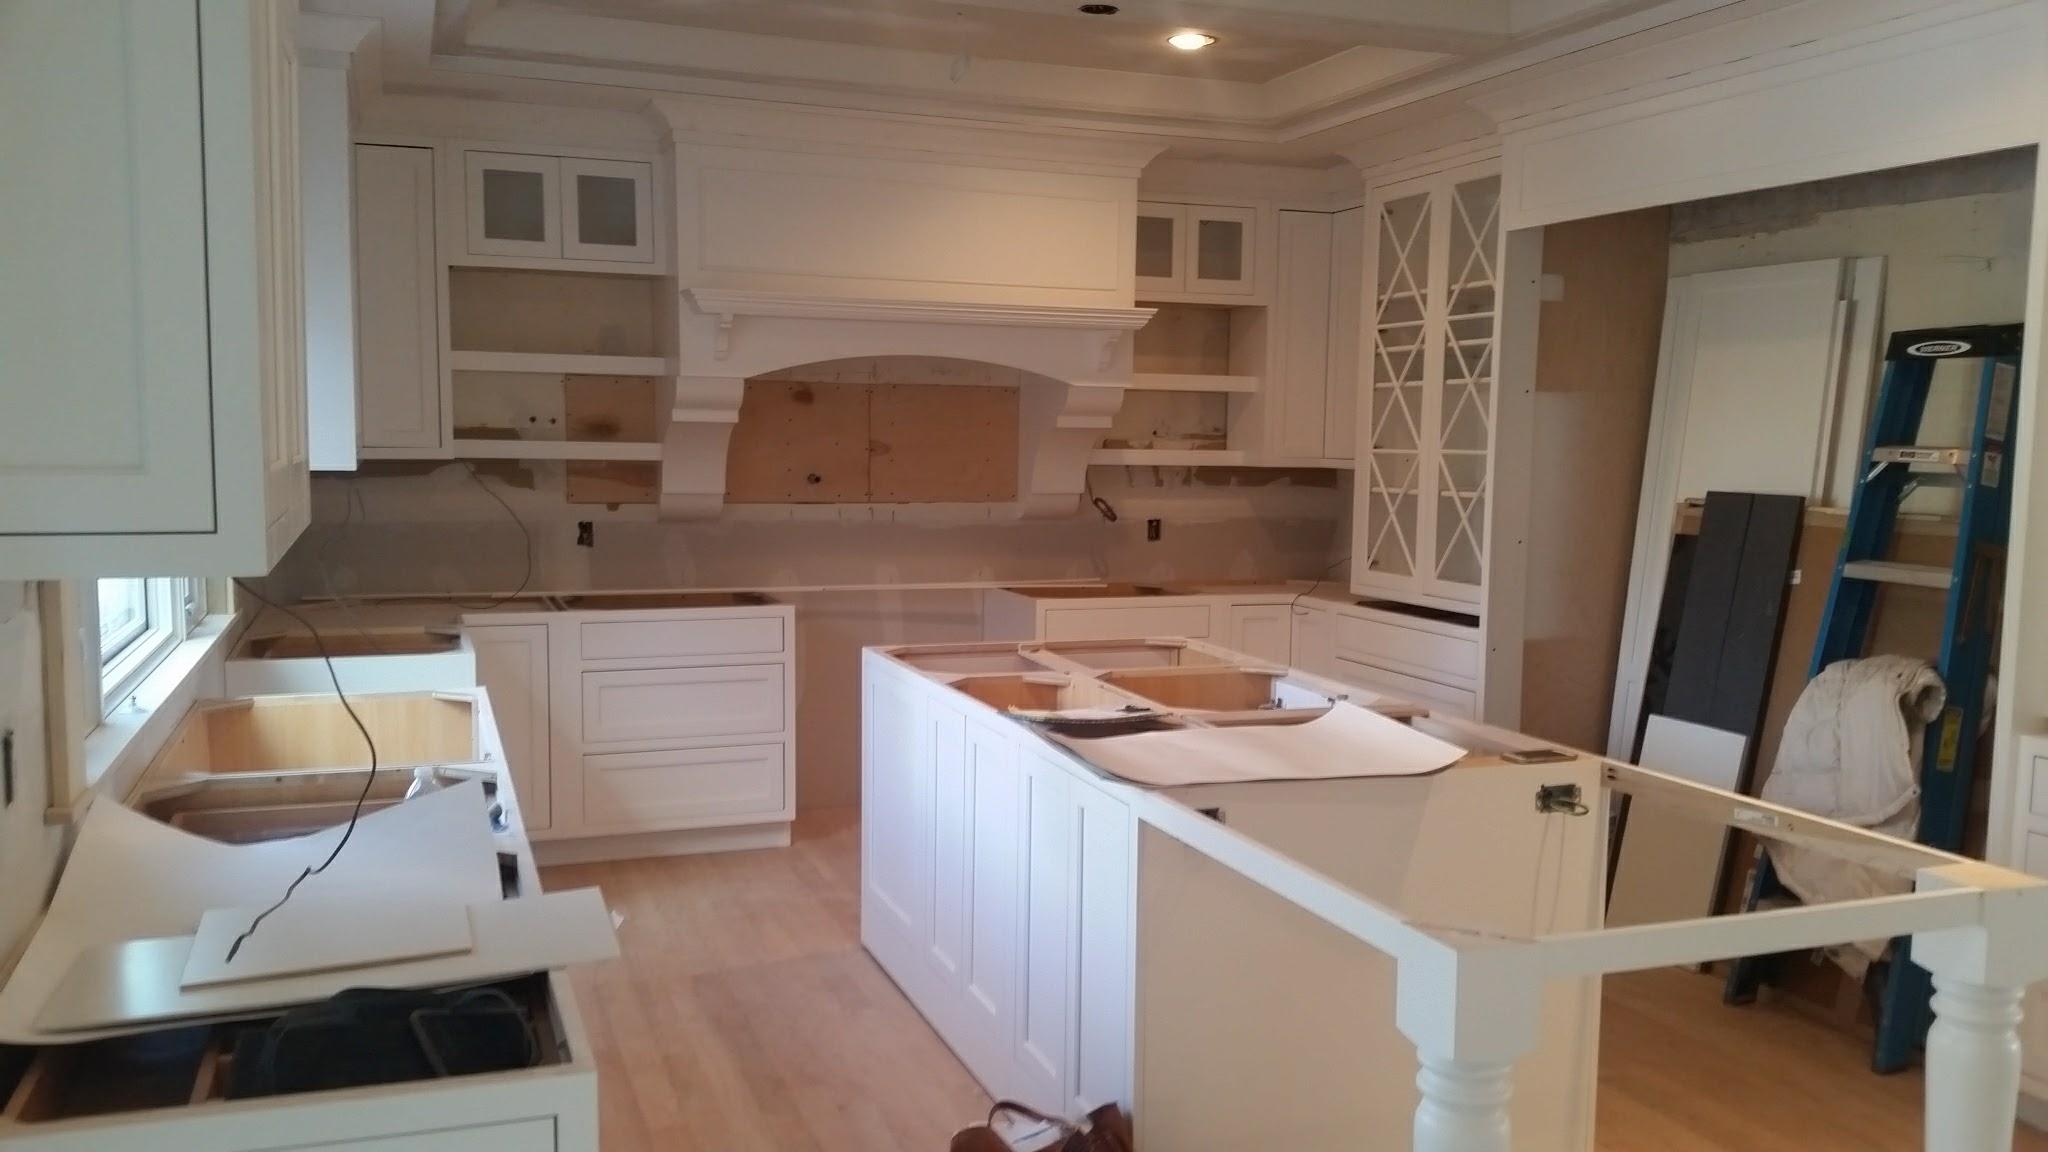 Kitchen cabinets installed.